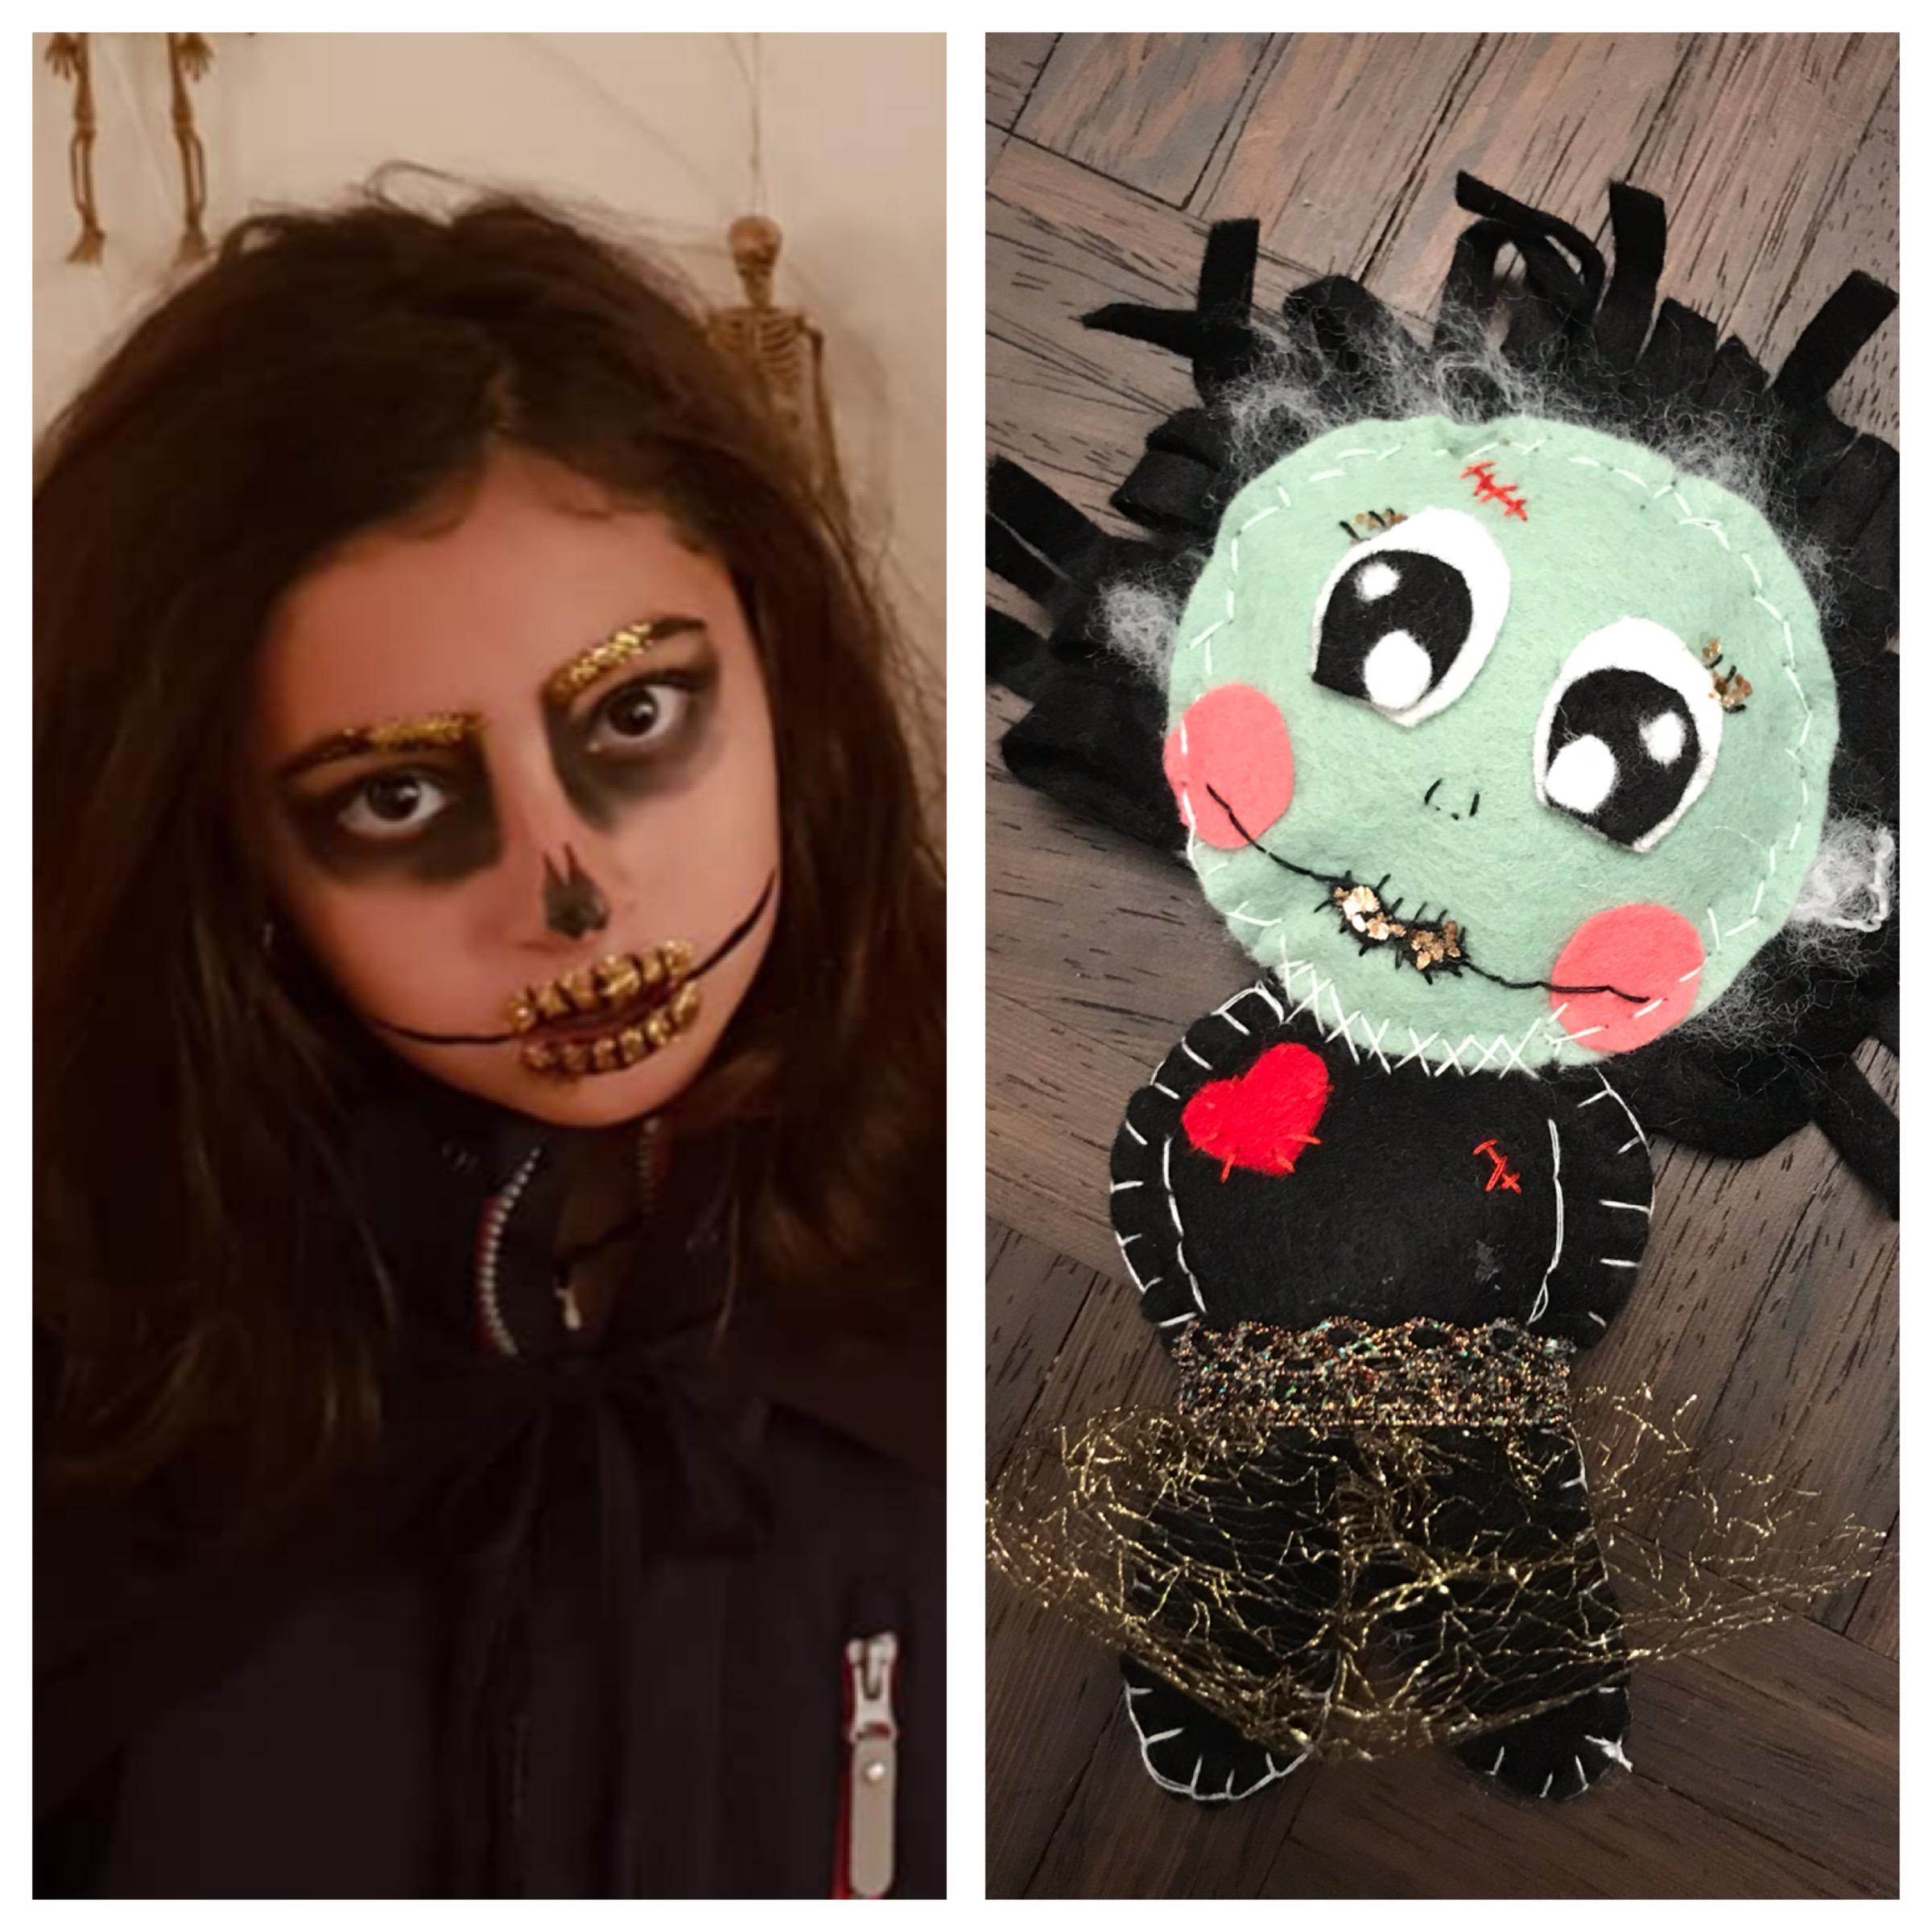 Monster girl for Halloween